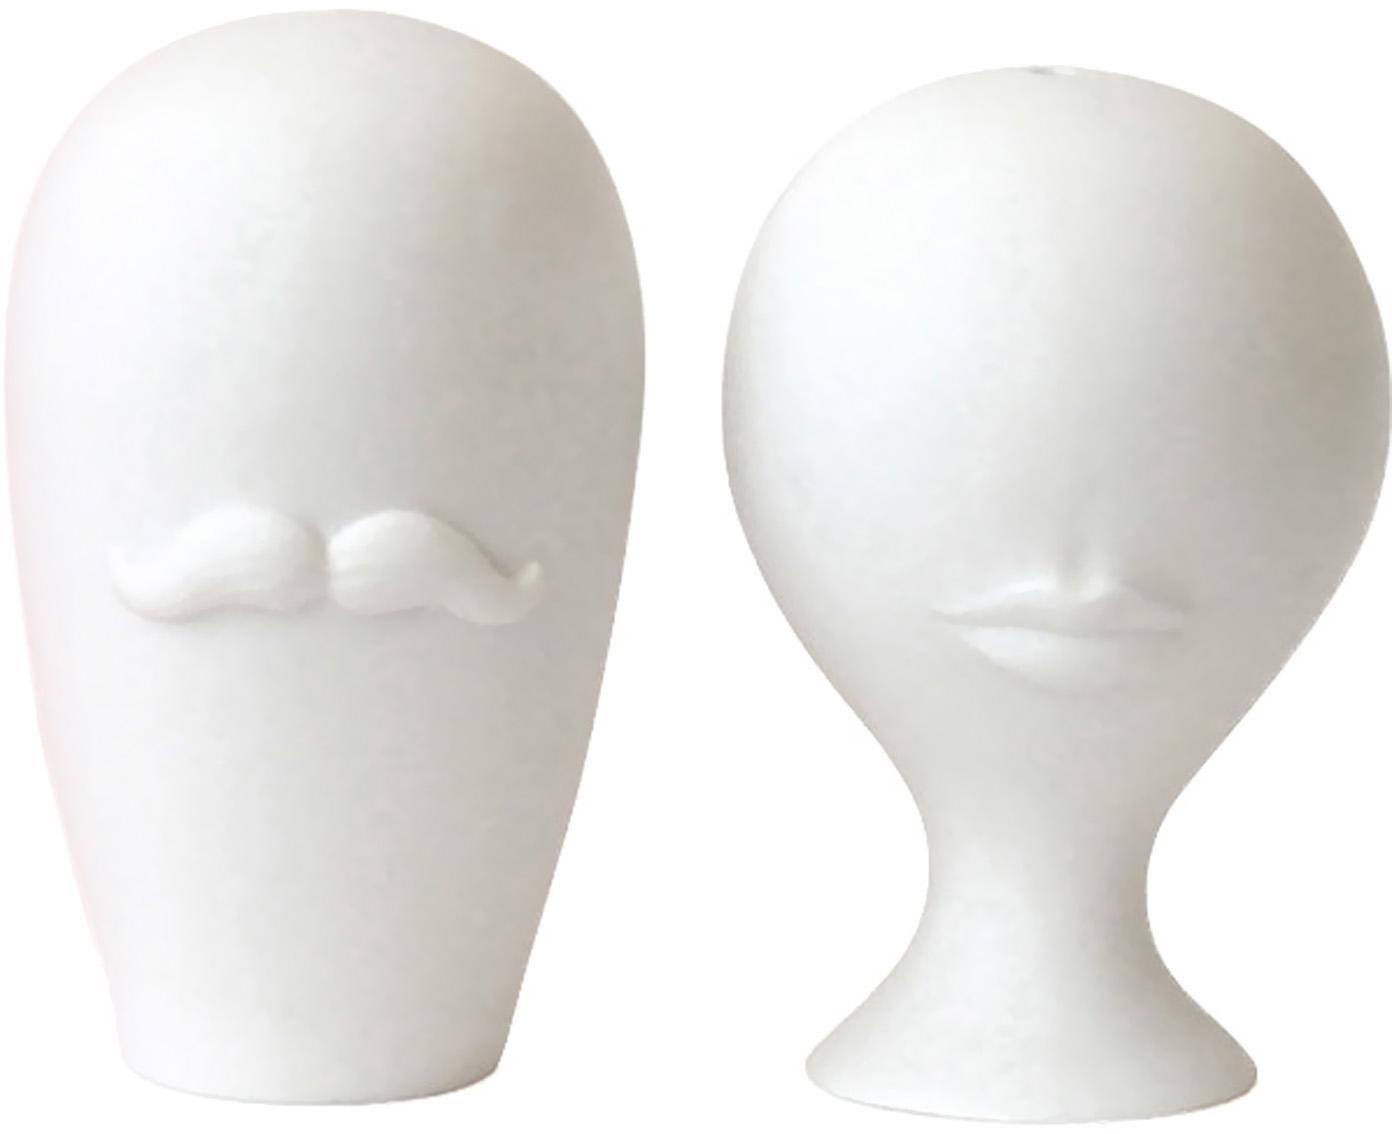 Designer Salz- und Pfefferstreuer Muse, 2er-Set, Porzellan, Weiss, Ø 5 x H 8 cm